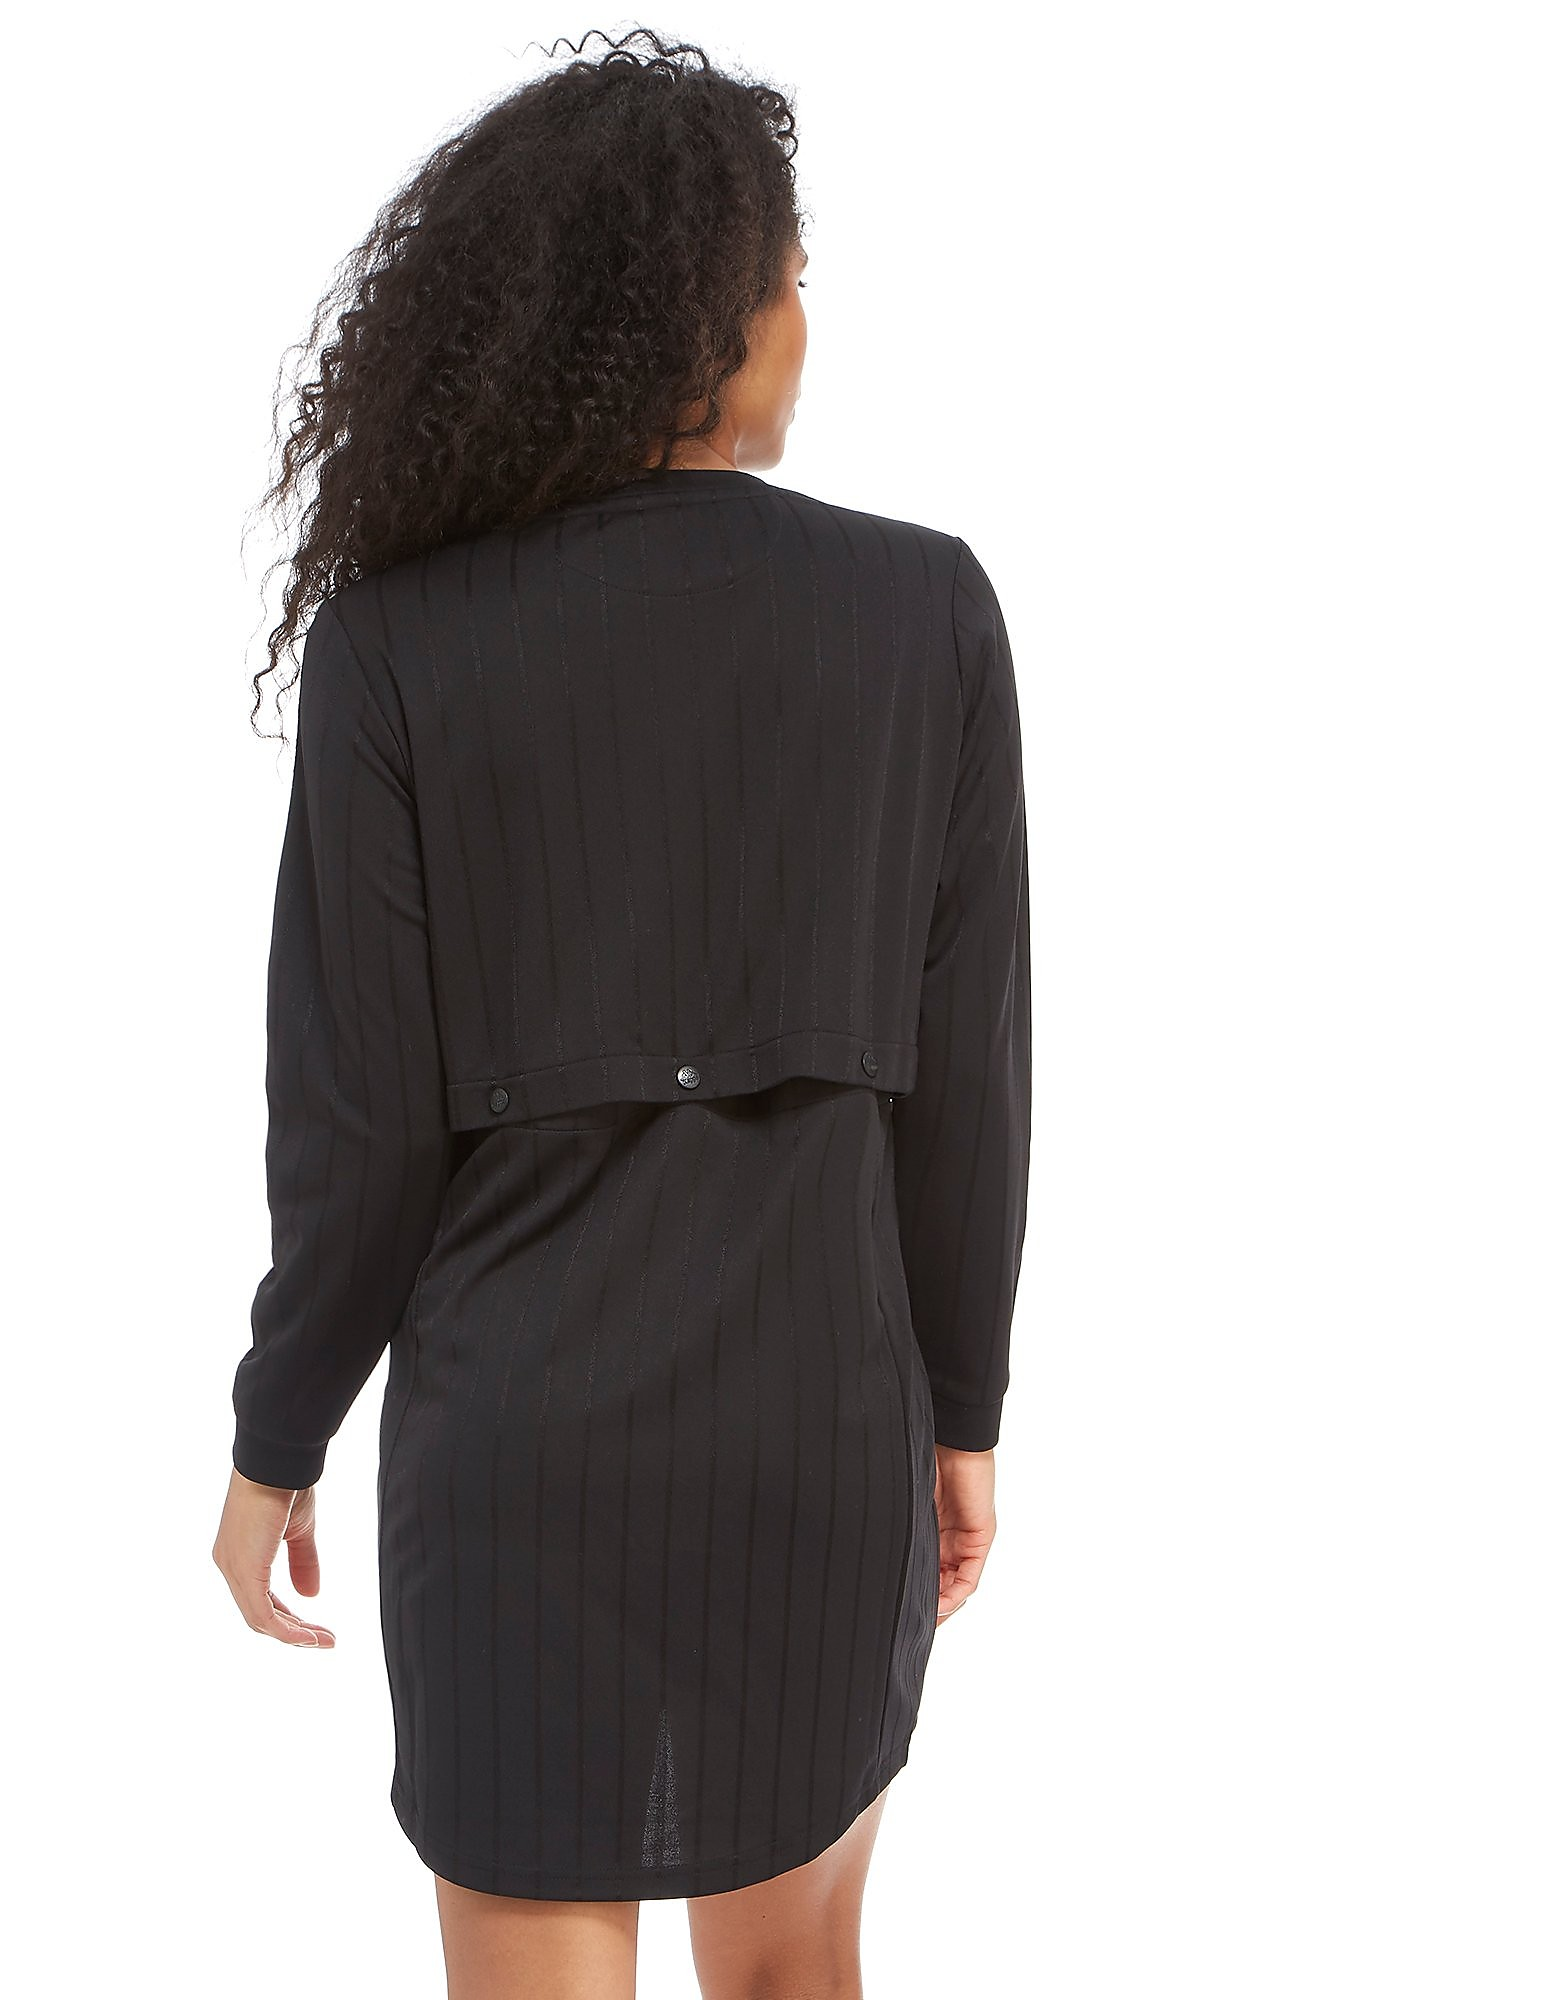 Kappa Popper Long Sleeve Dress